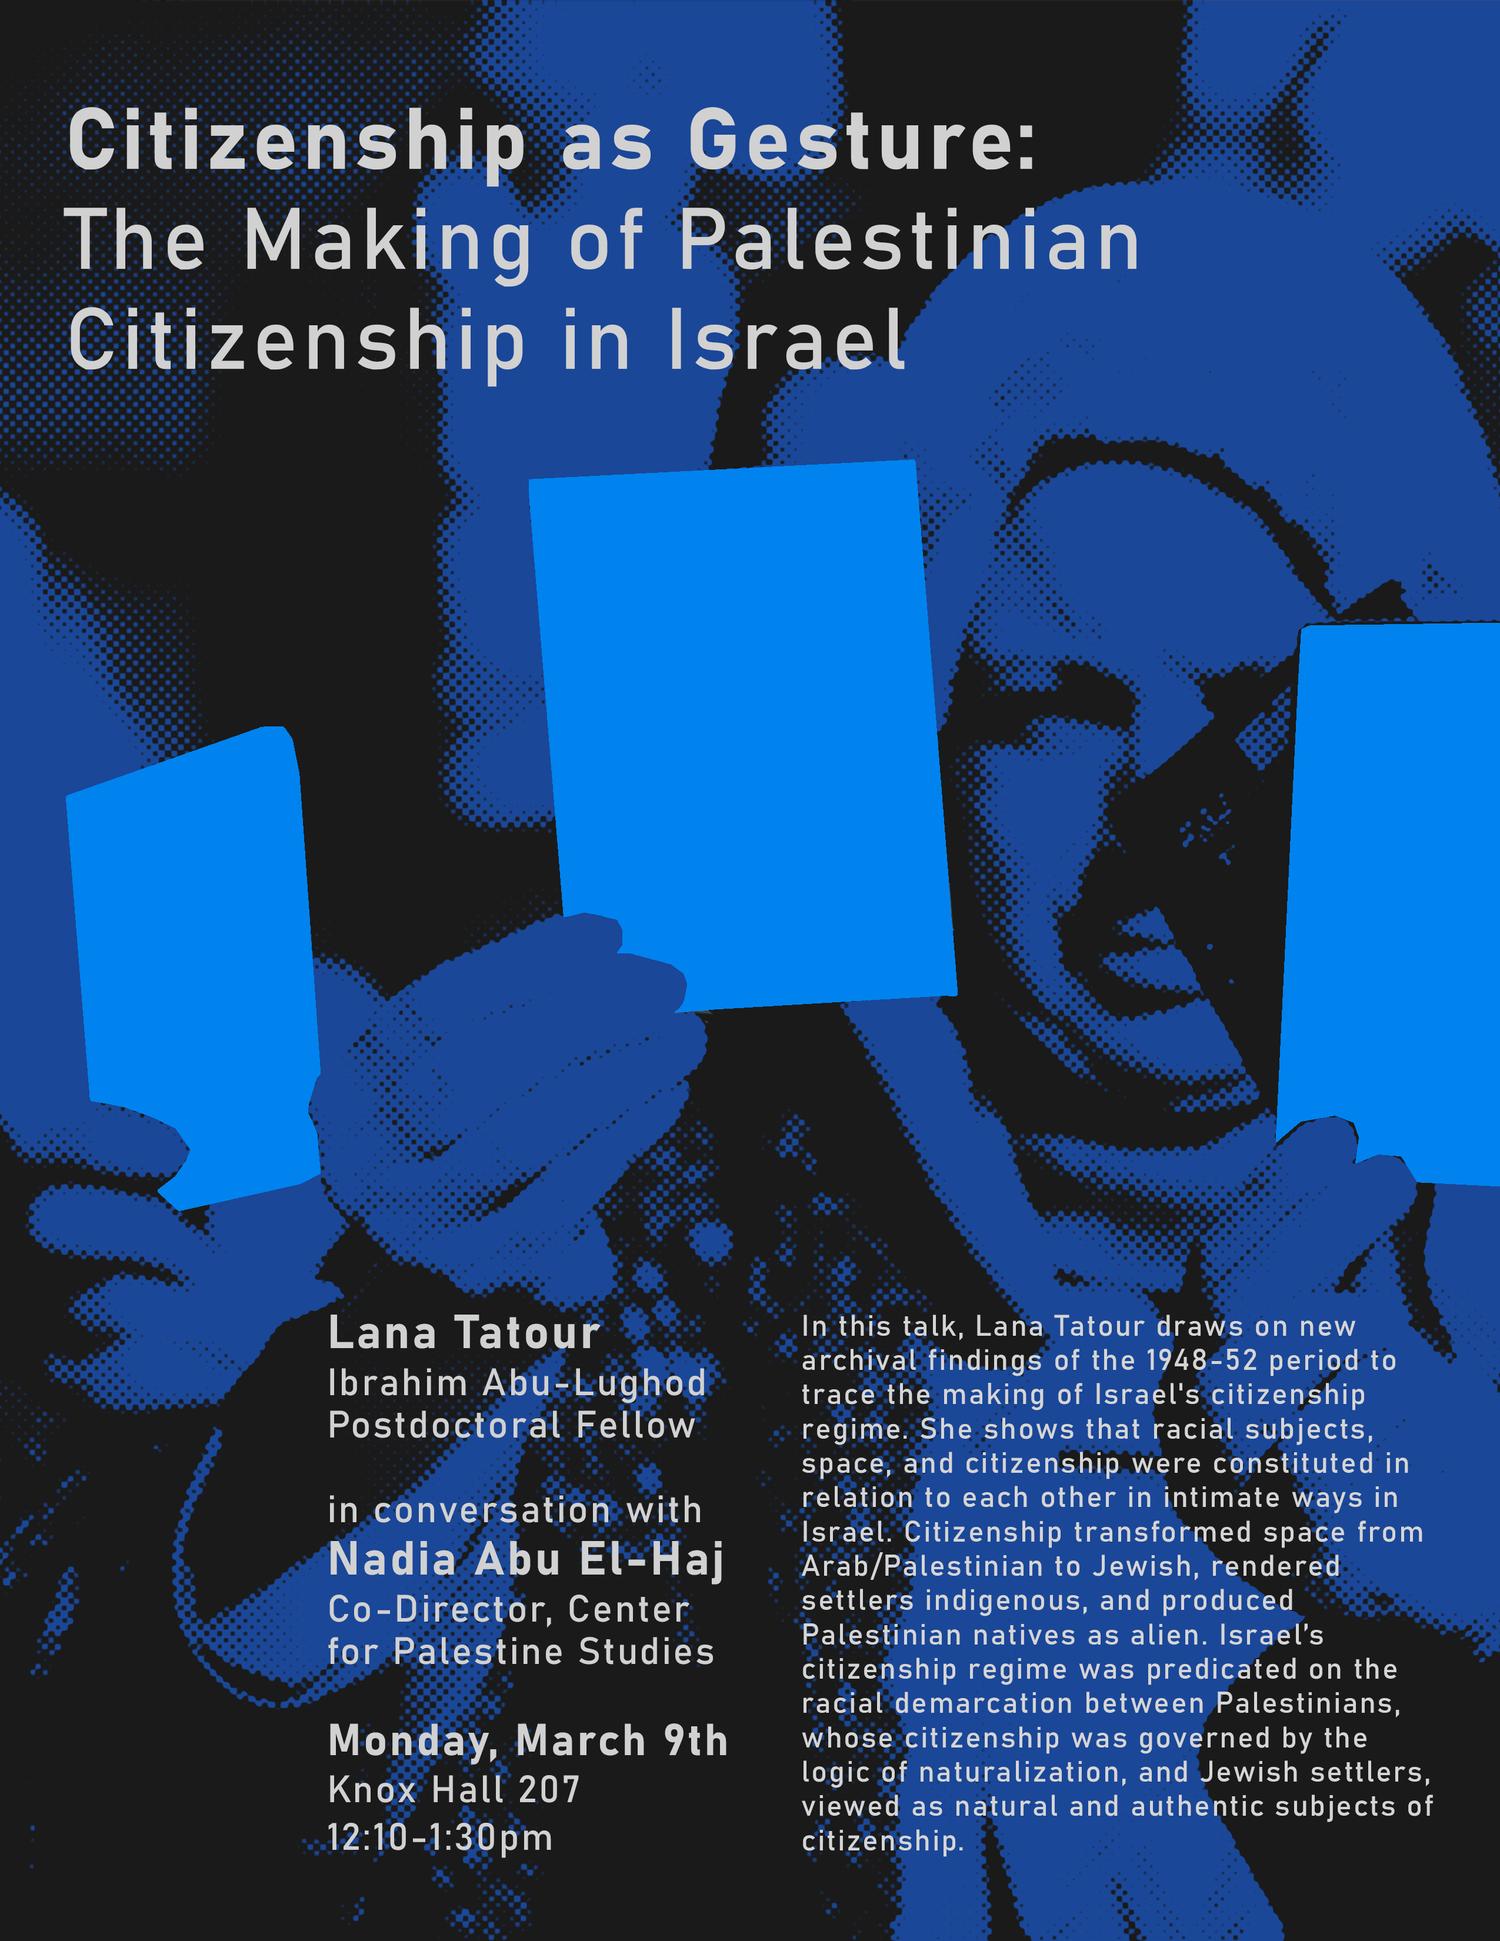 Citizenship as Gesture